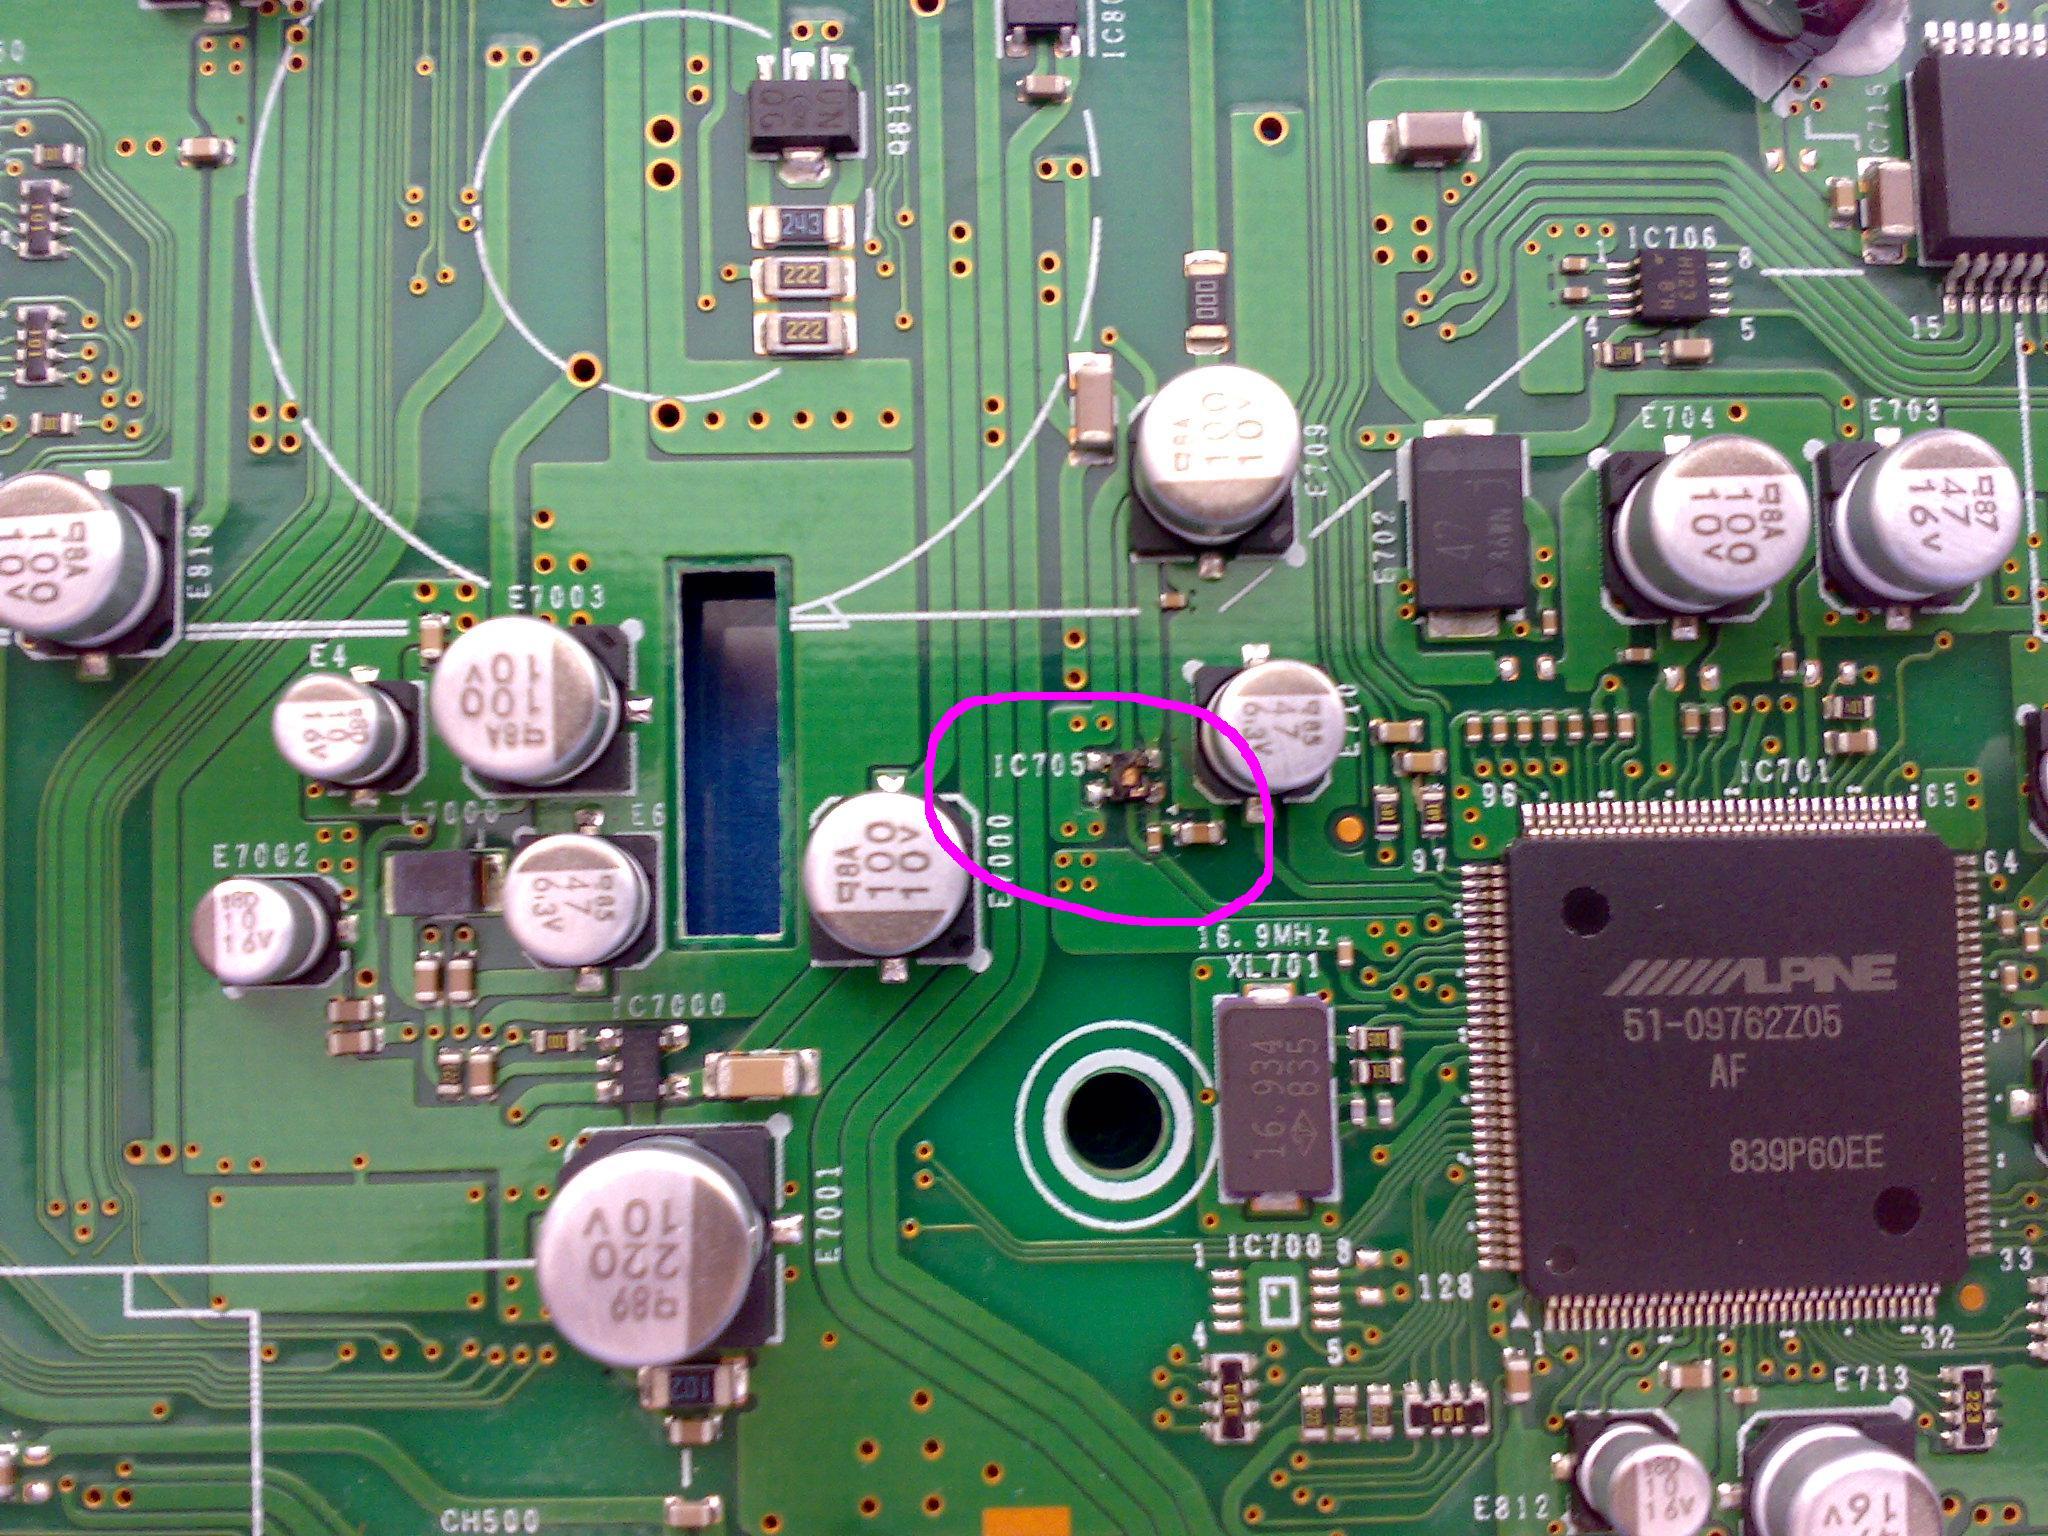 Alpine CDE-104BTi - Identyfikacja uk�adu IC705